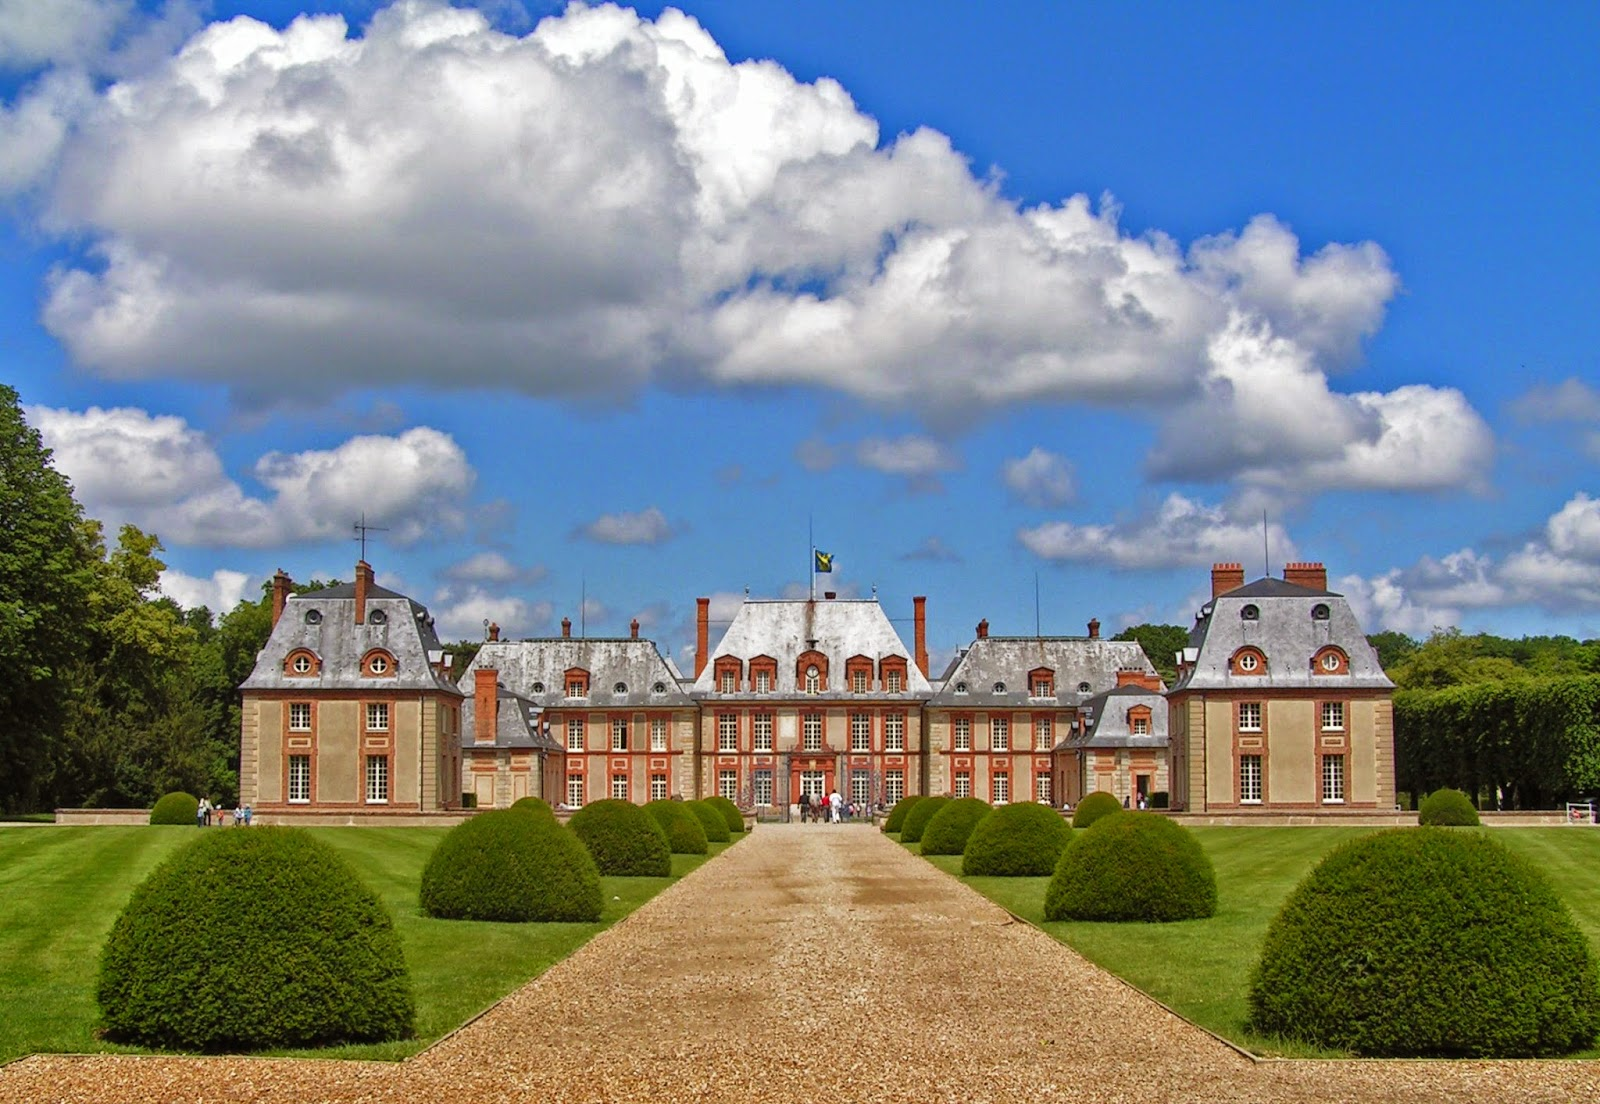 Beautes de la vallee de chevreuse chateaux en yvelines for Chateau des yvelines